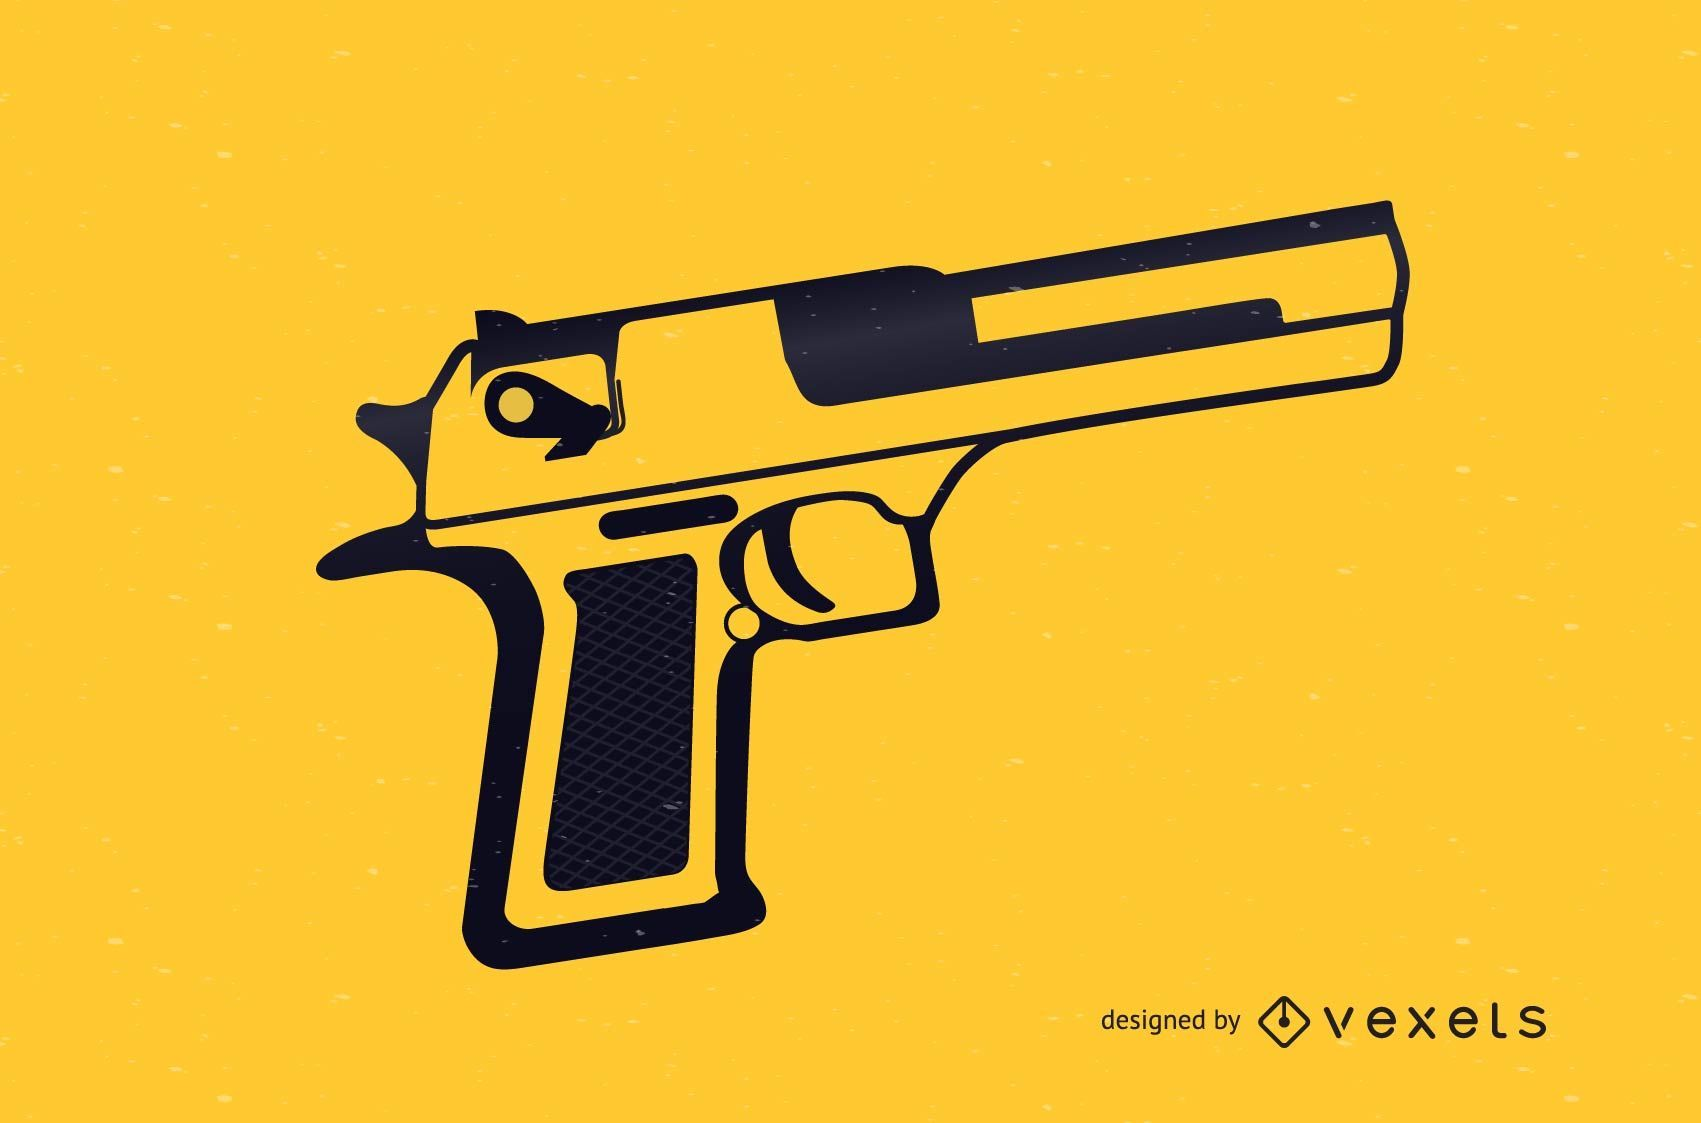 Free Vector Gun illustration